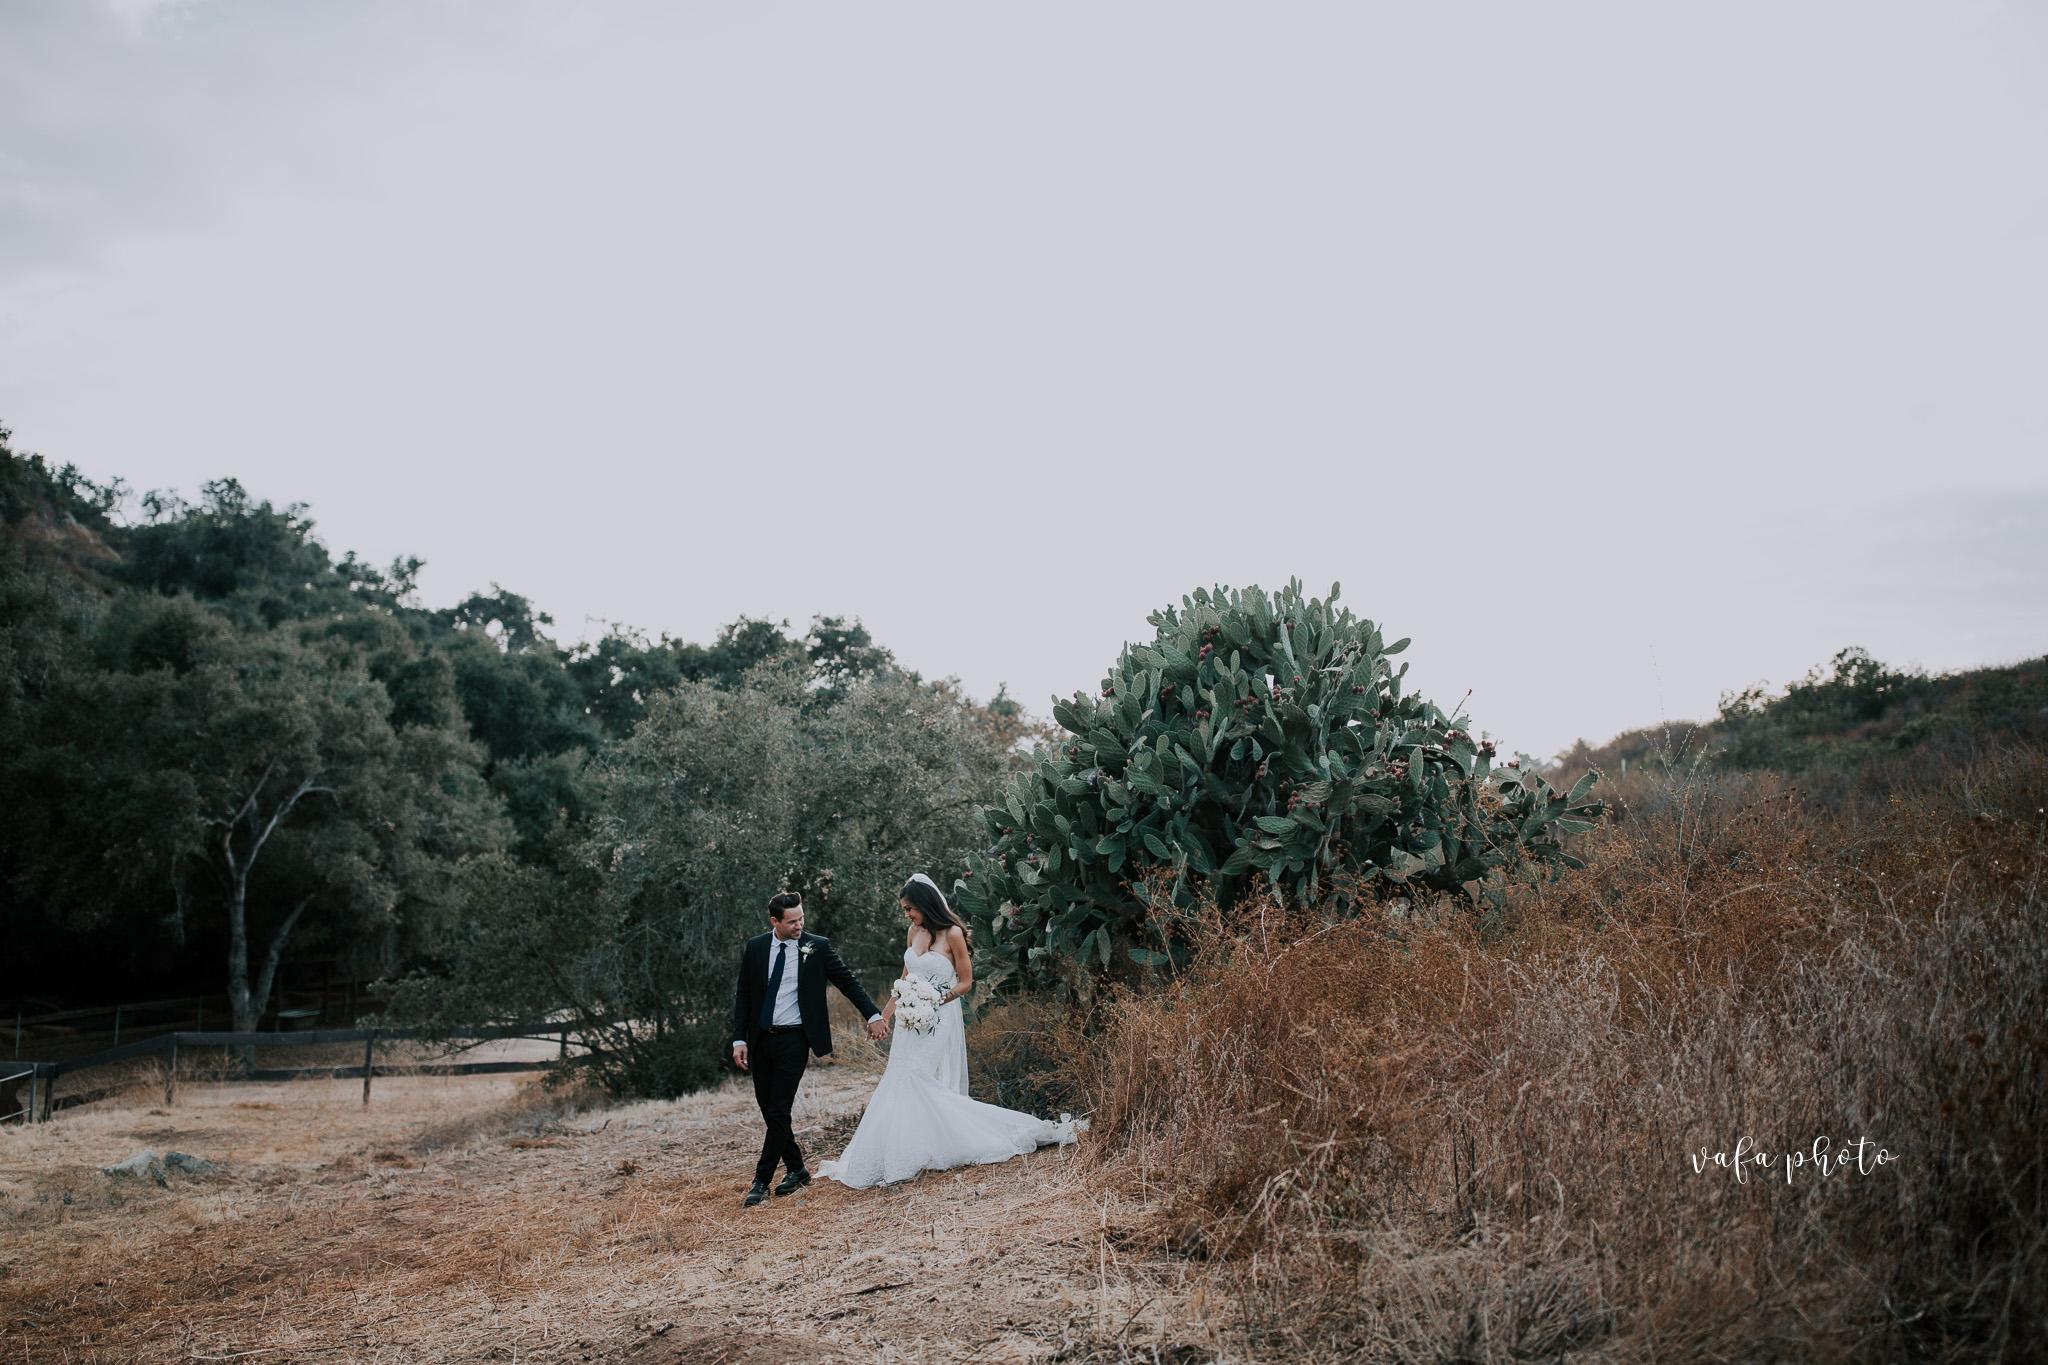 Southern-California-Wedding-Britt-Nilsson-Jeremy-Byrne-Vafa-Photo-631.jpg